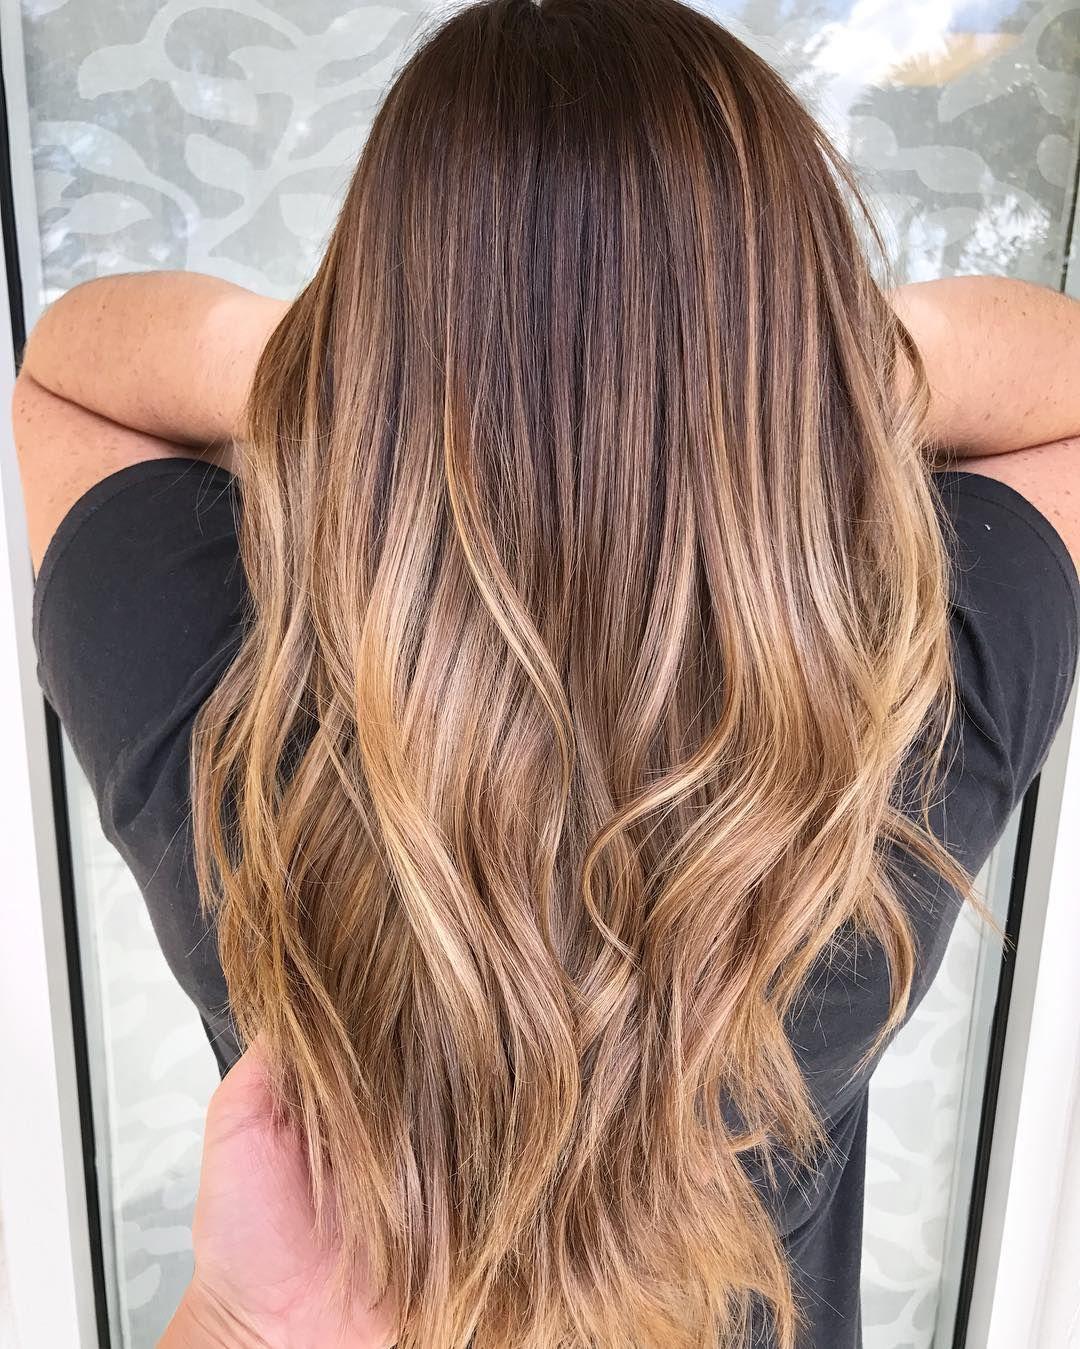 456 Gilla Markeringar 15 Kommentarer South Florida Balayage Simplicitysalon Pa Instagram When Your Coloracion De Cabello Color De Cabello Shatush Hair